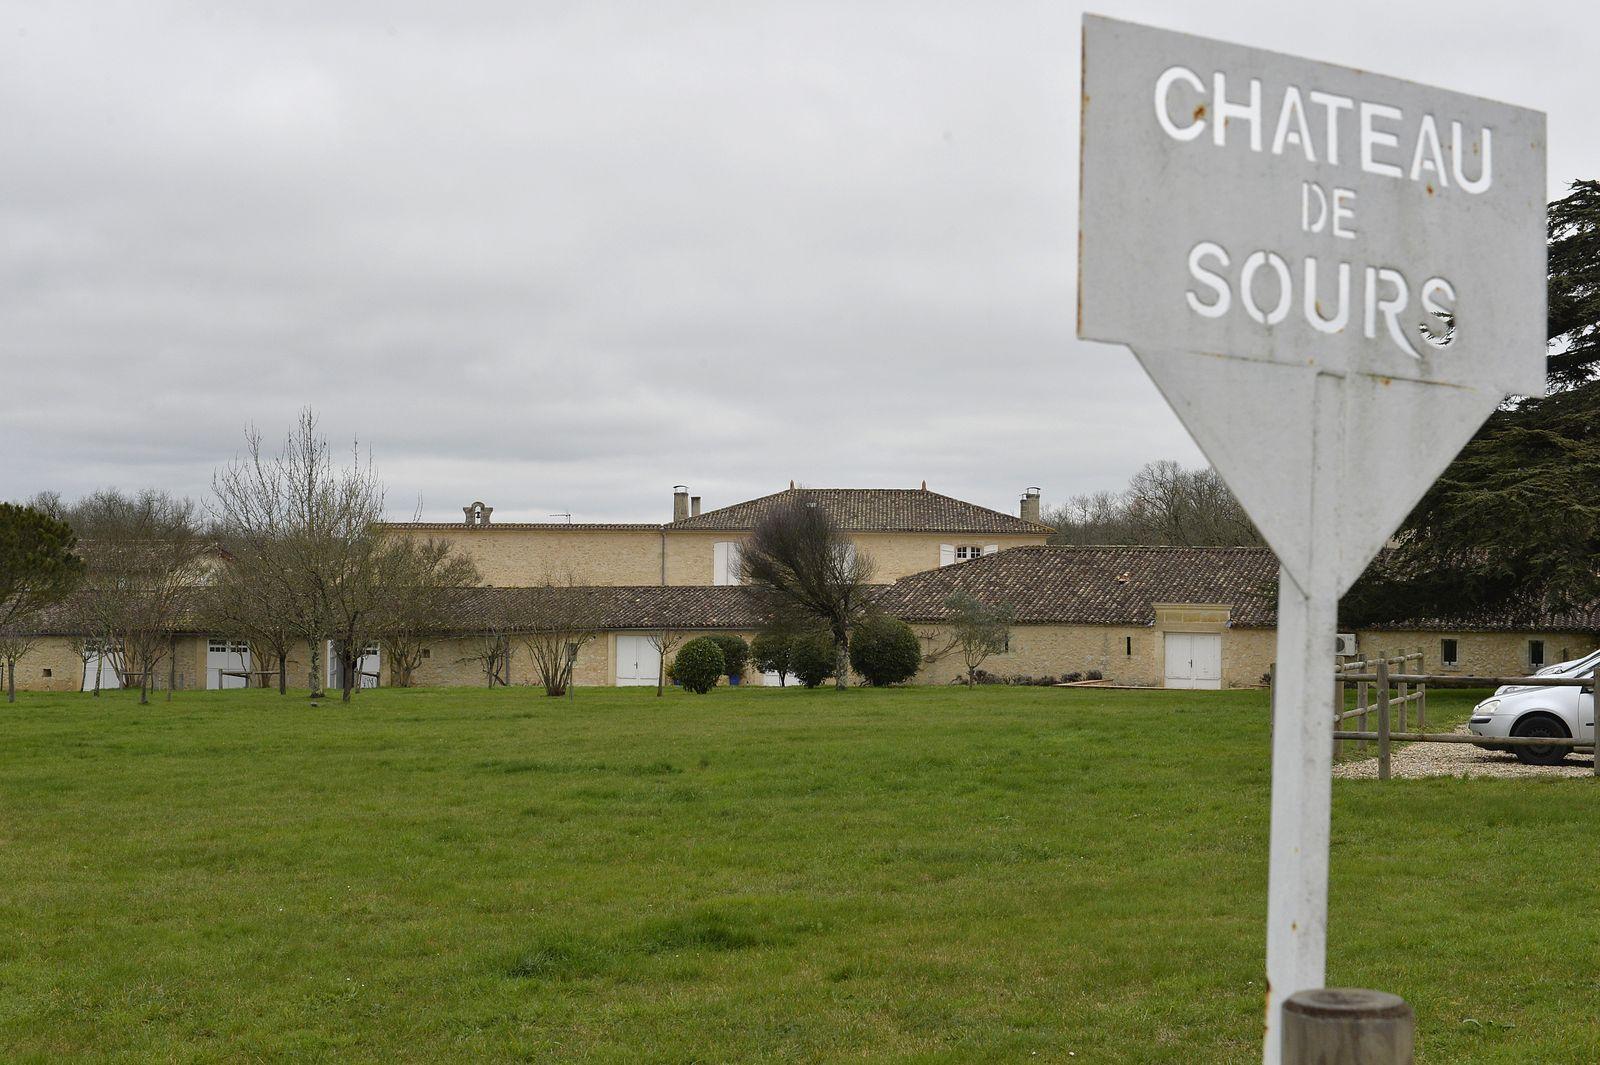 Bordeaux / Chateau de Sours